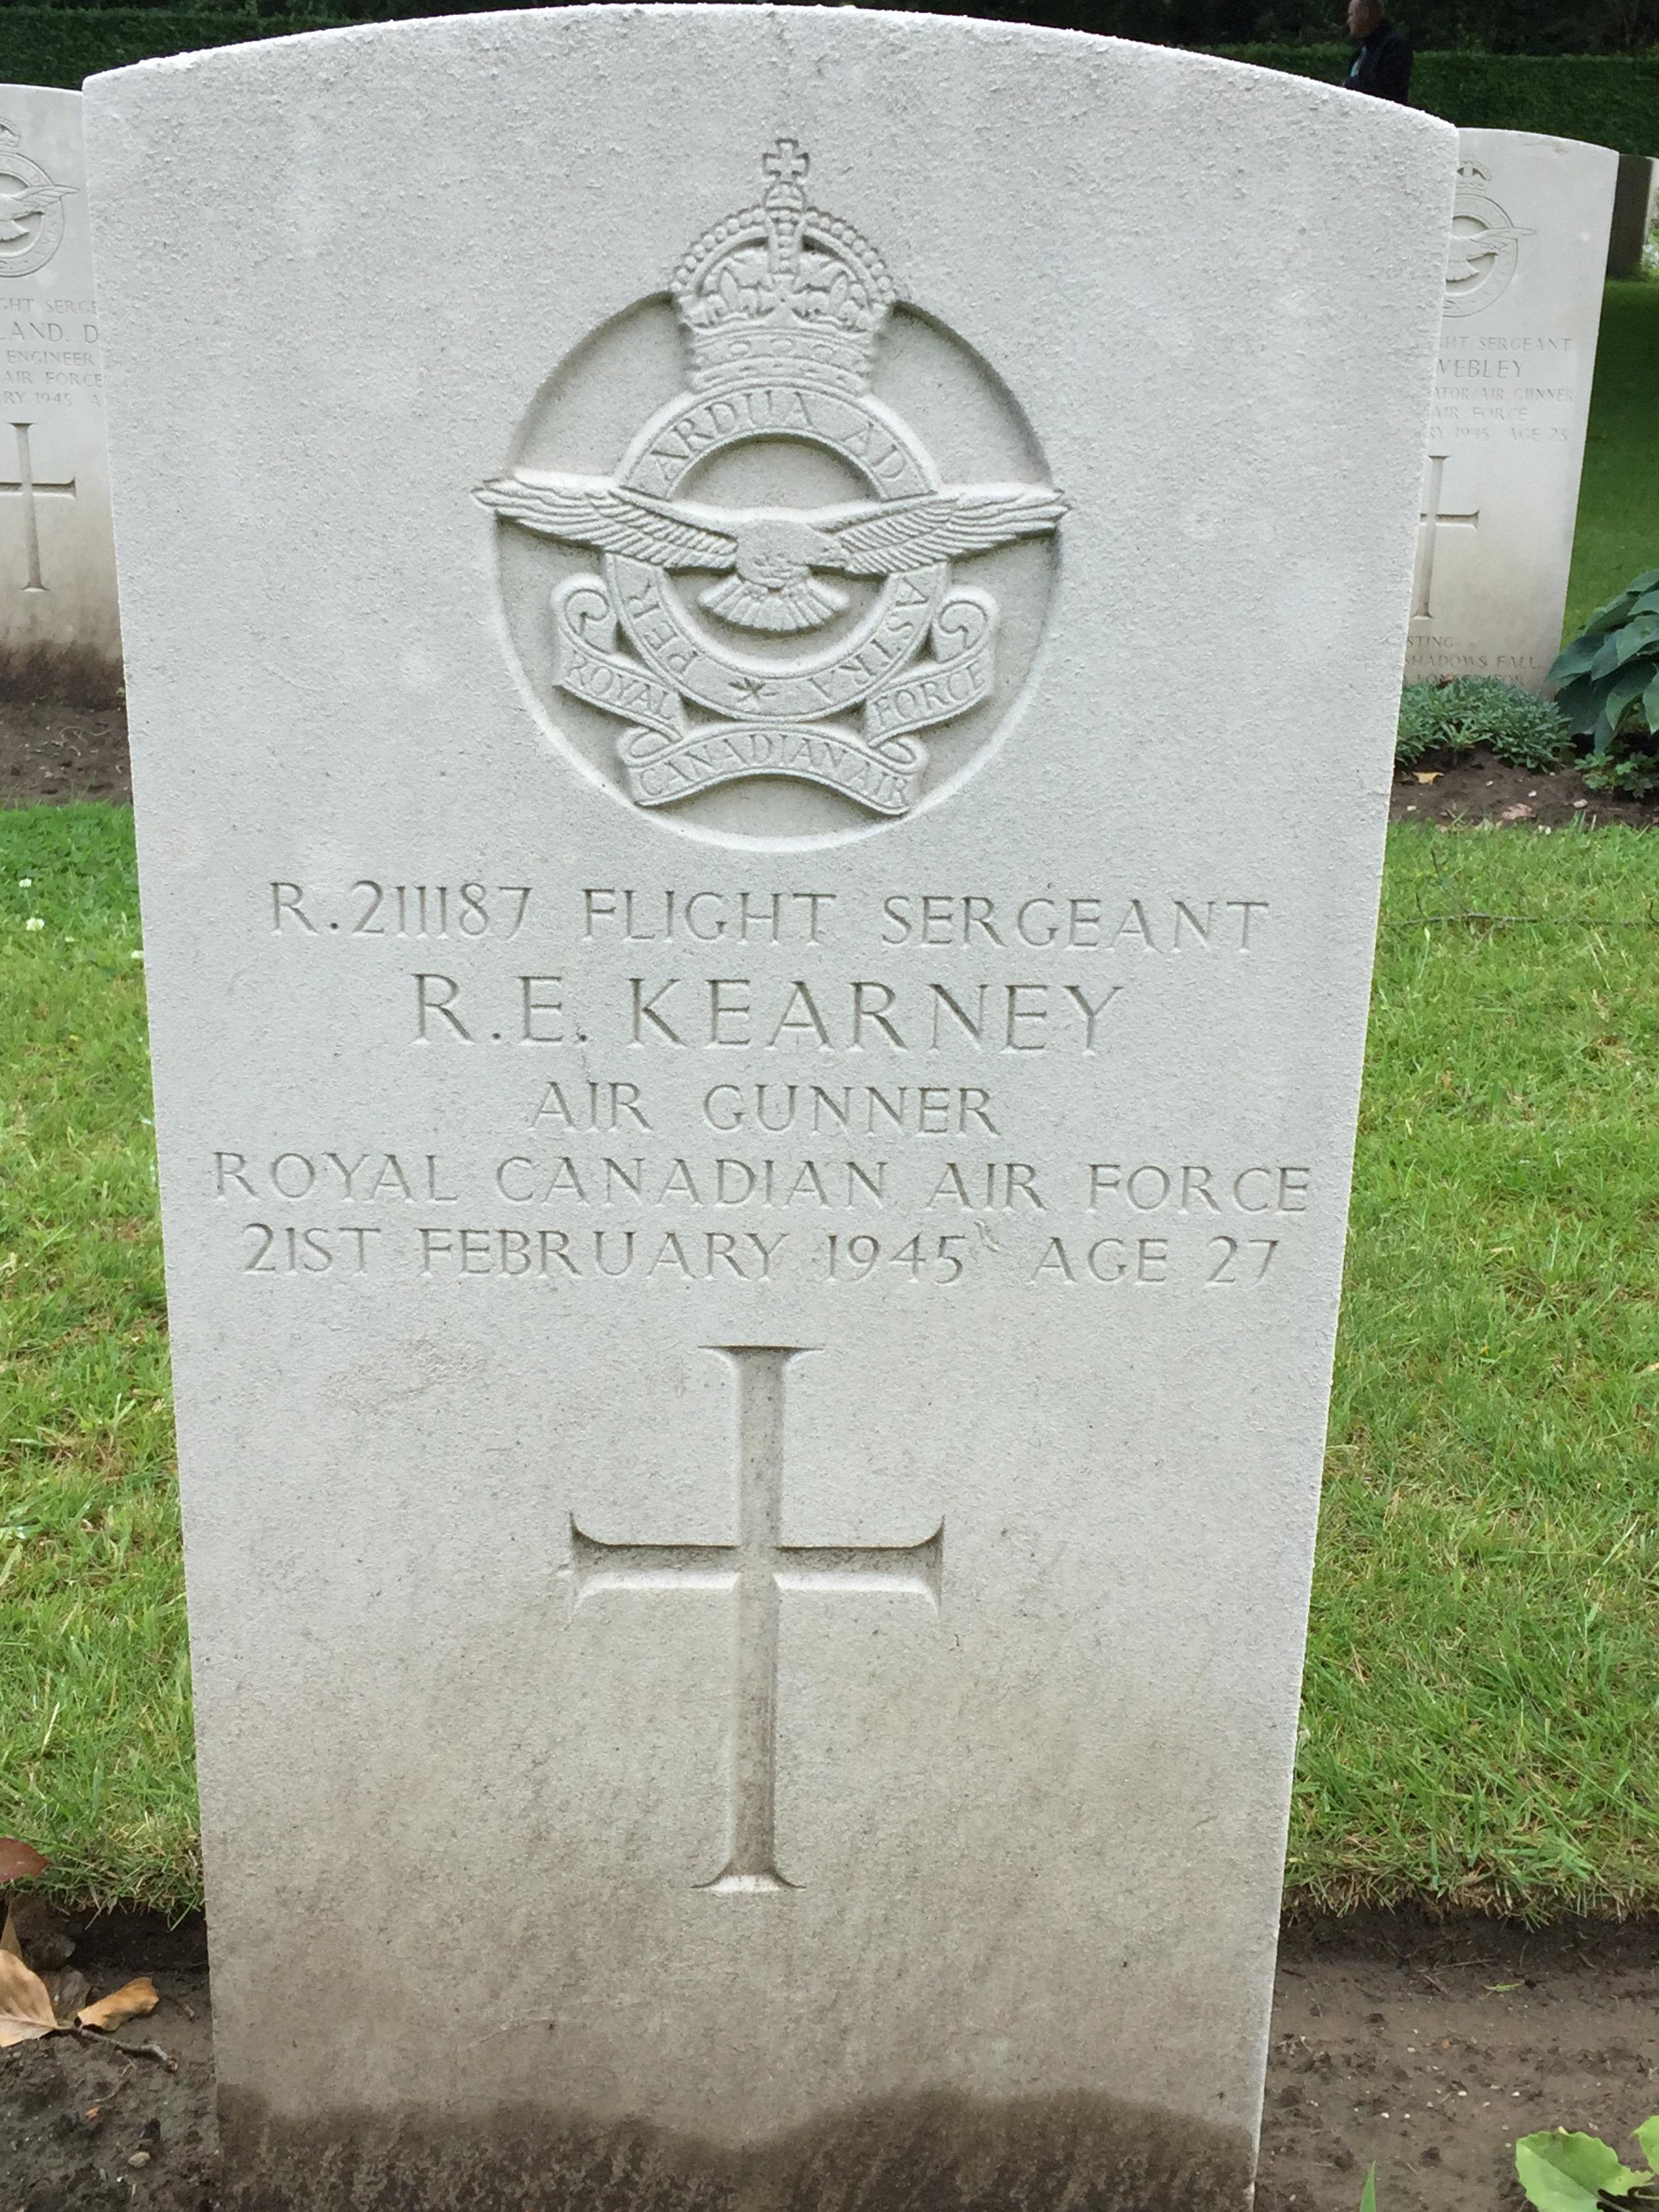 Grave marker– Grave, June 2019